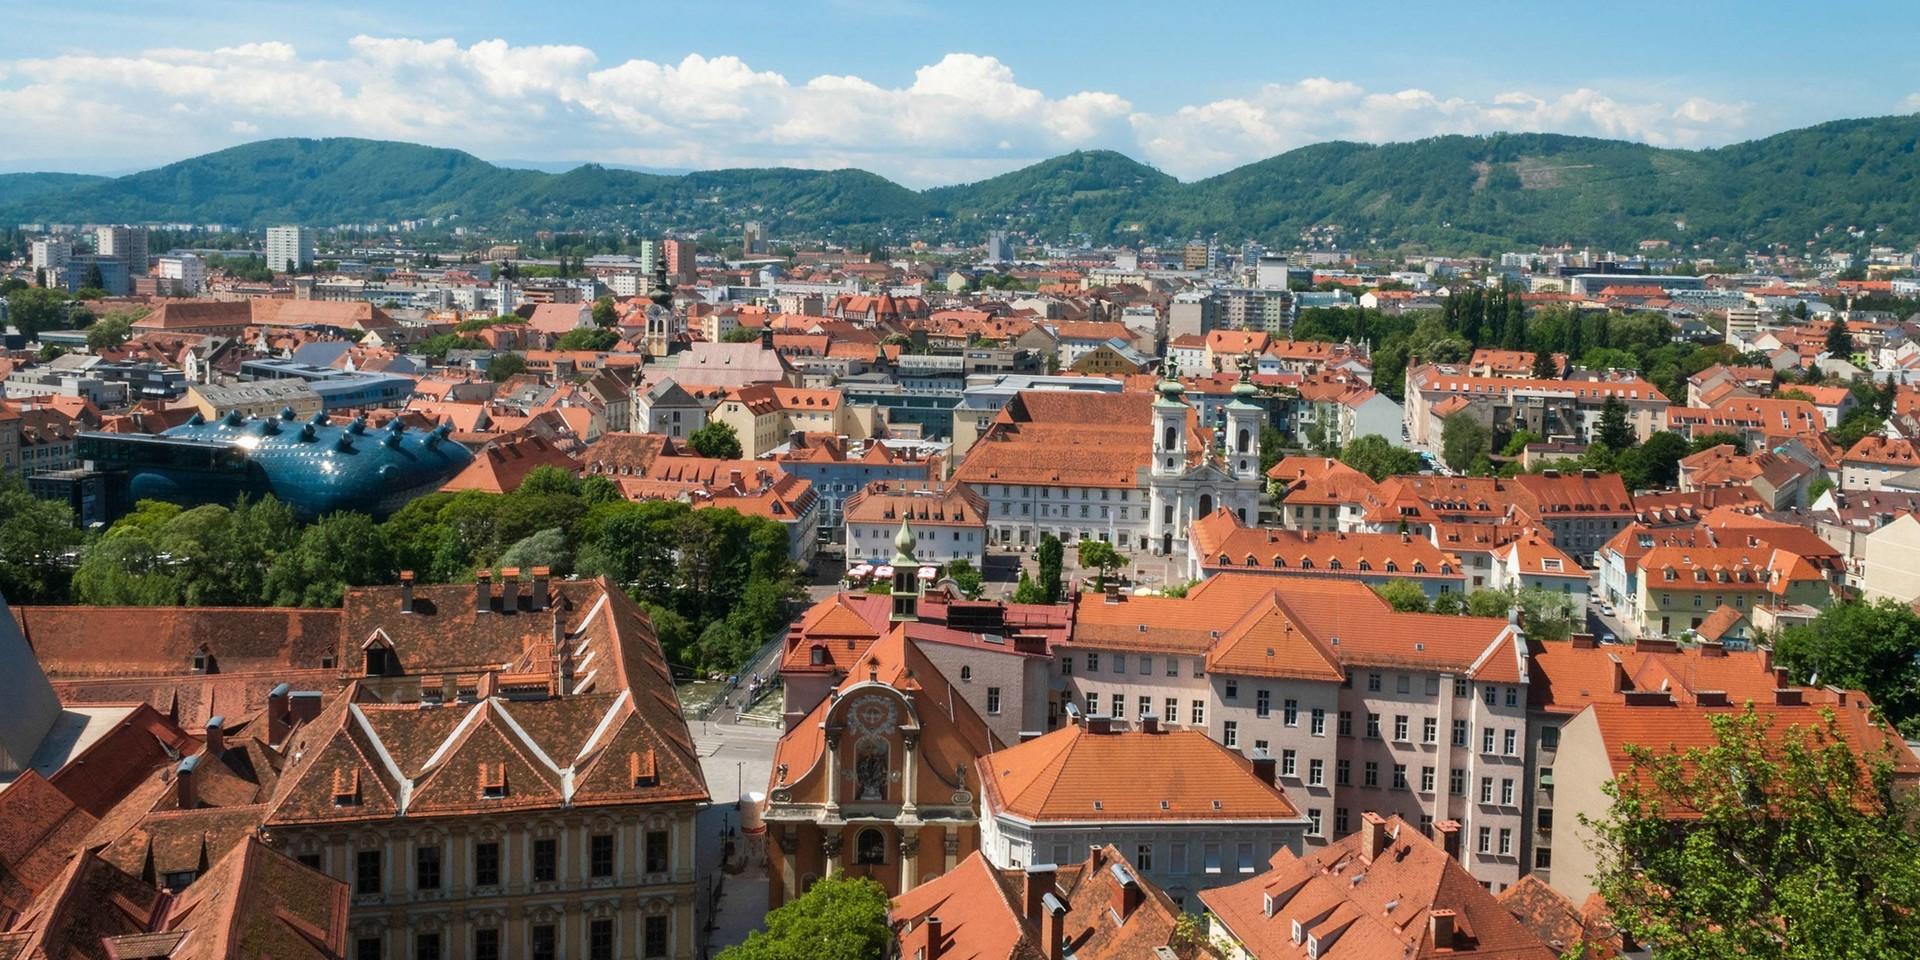 Experiência em Graz, Áustria (por Ana)